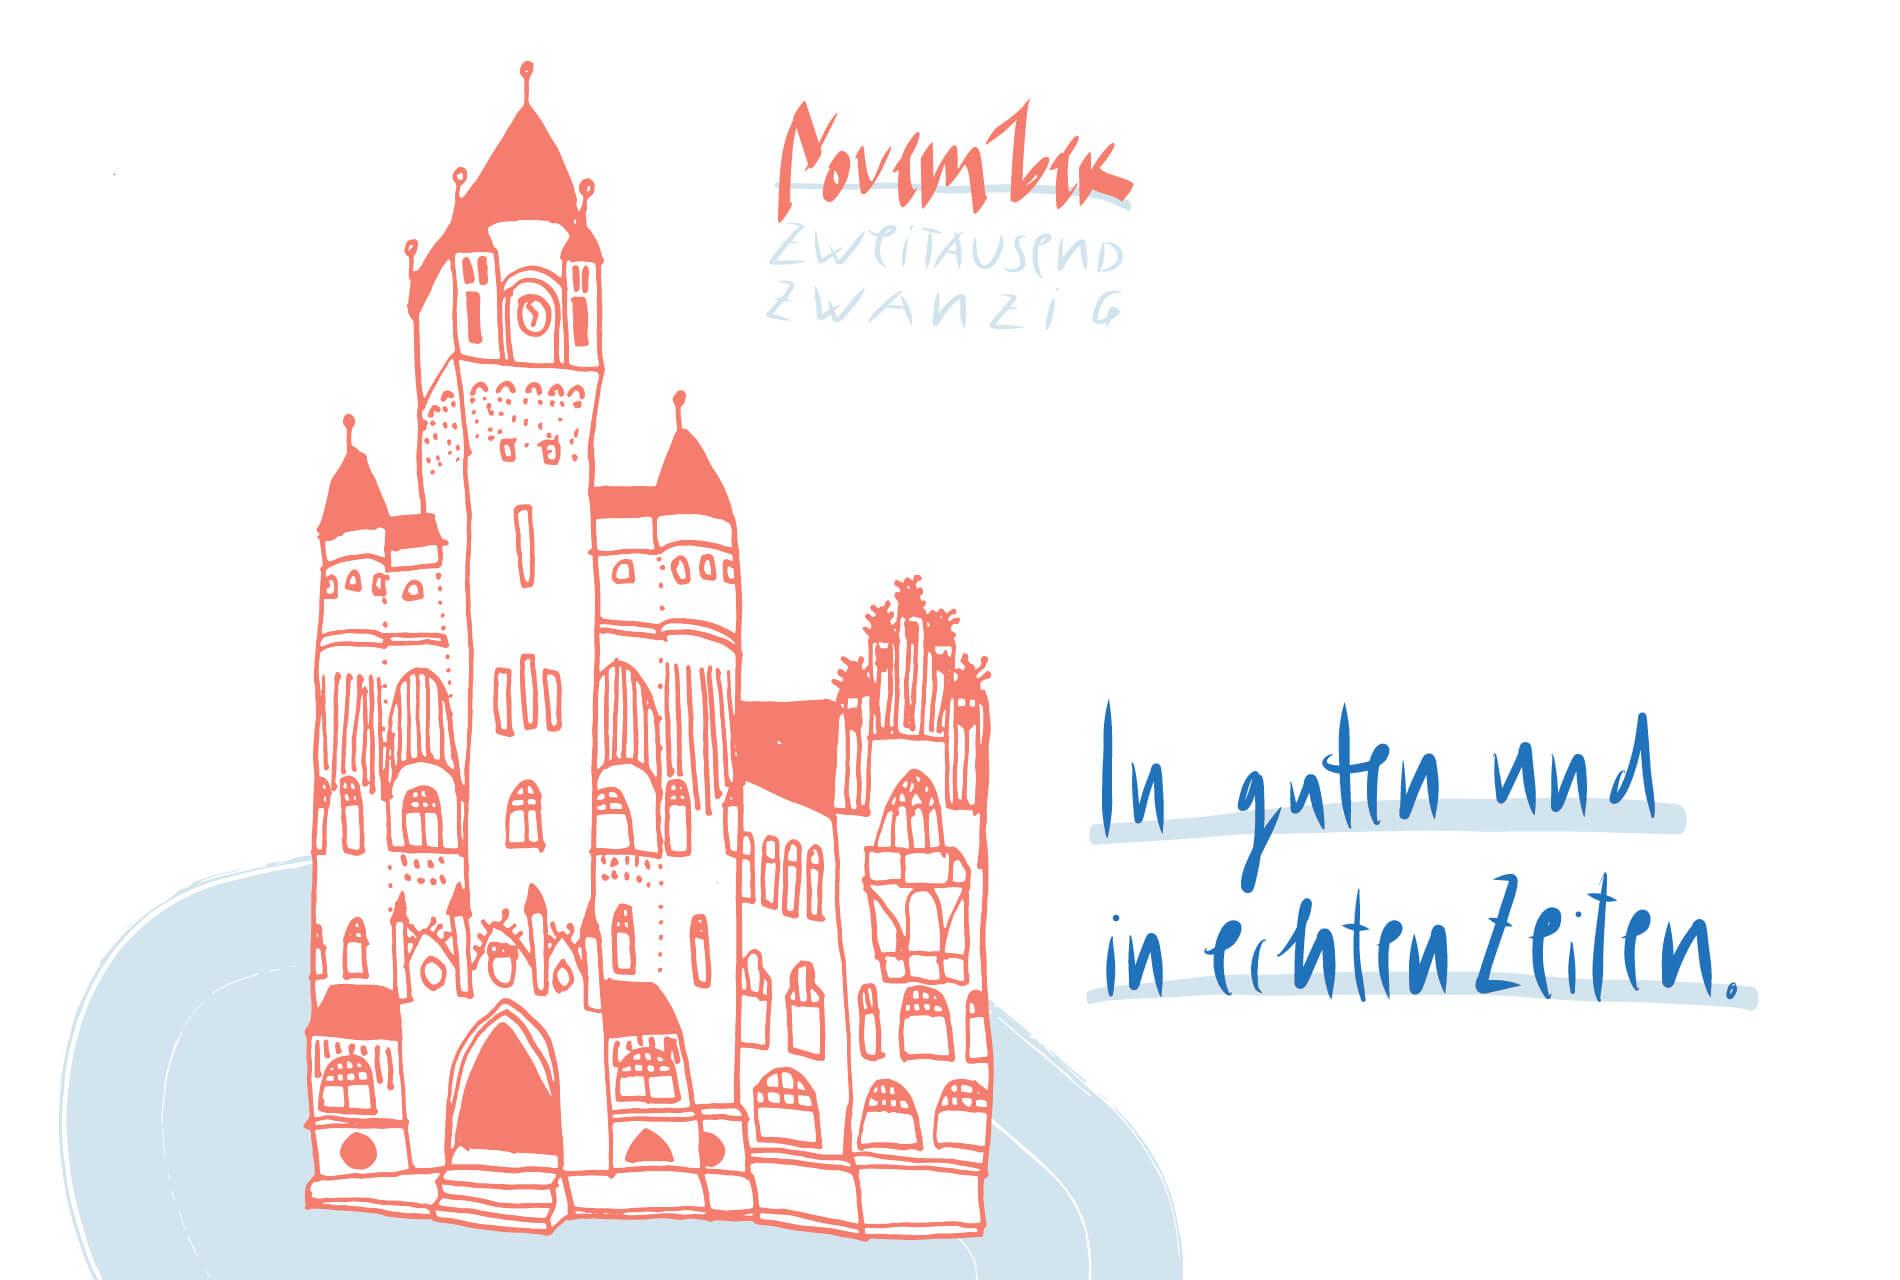 Matrosenhunde Illustration Zeichnung Illustratorin Text Prosa Monatskalender November, in guten und in echten zeiten